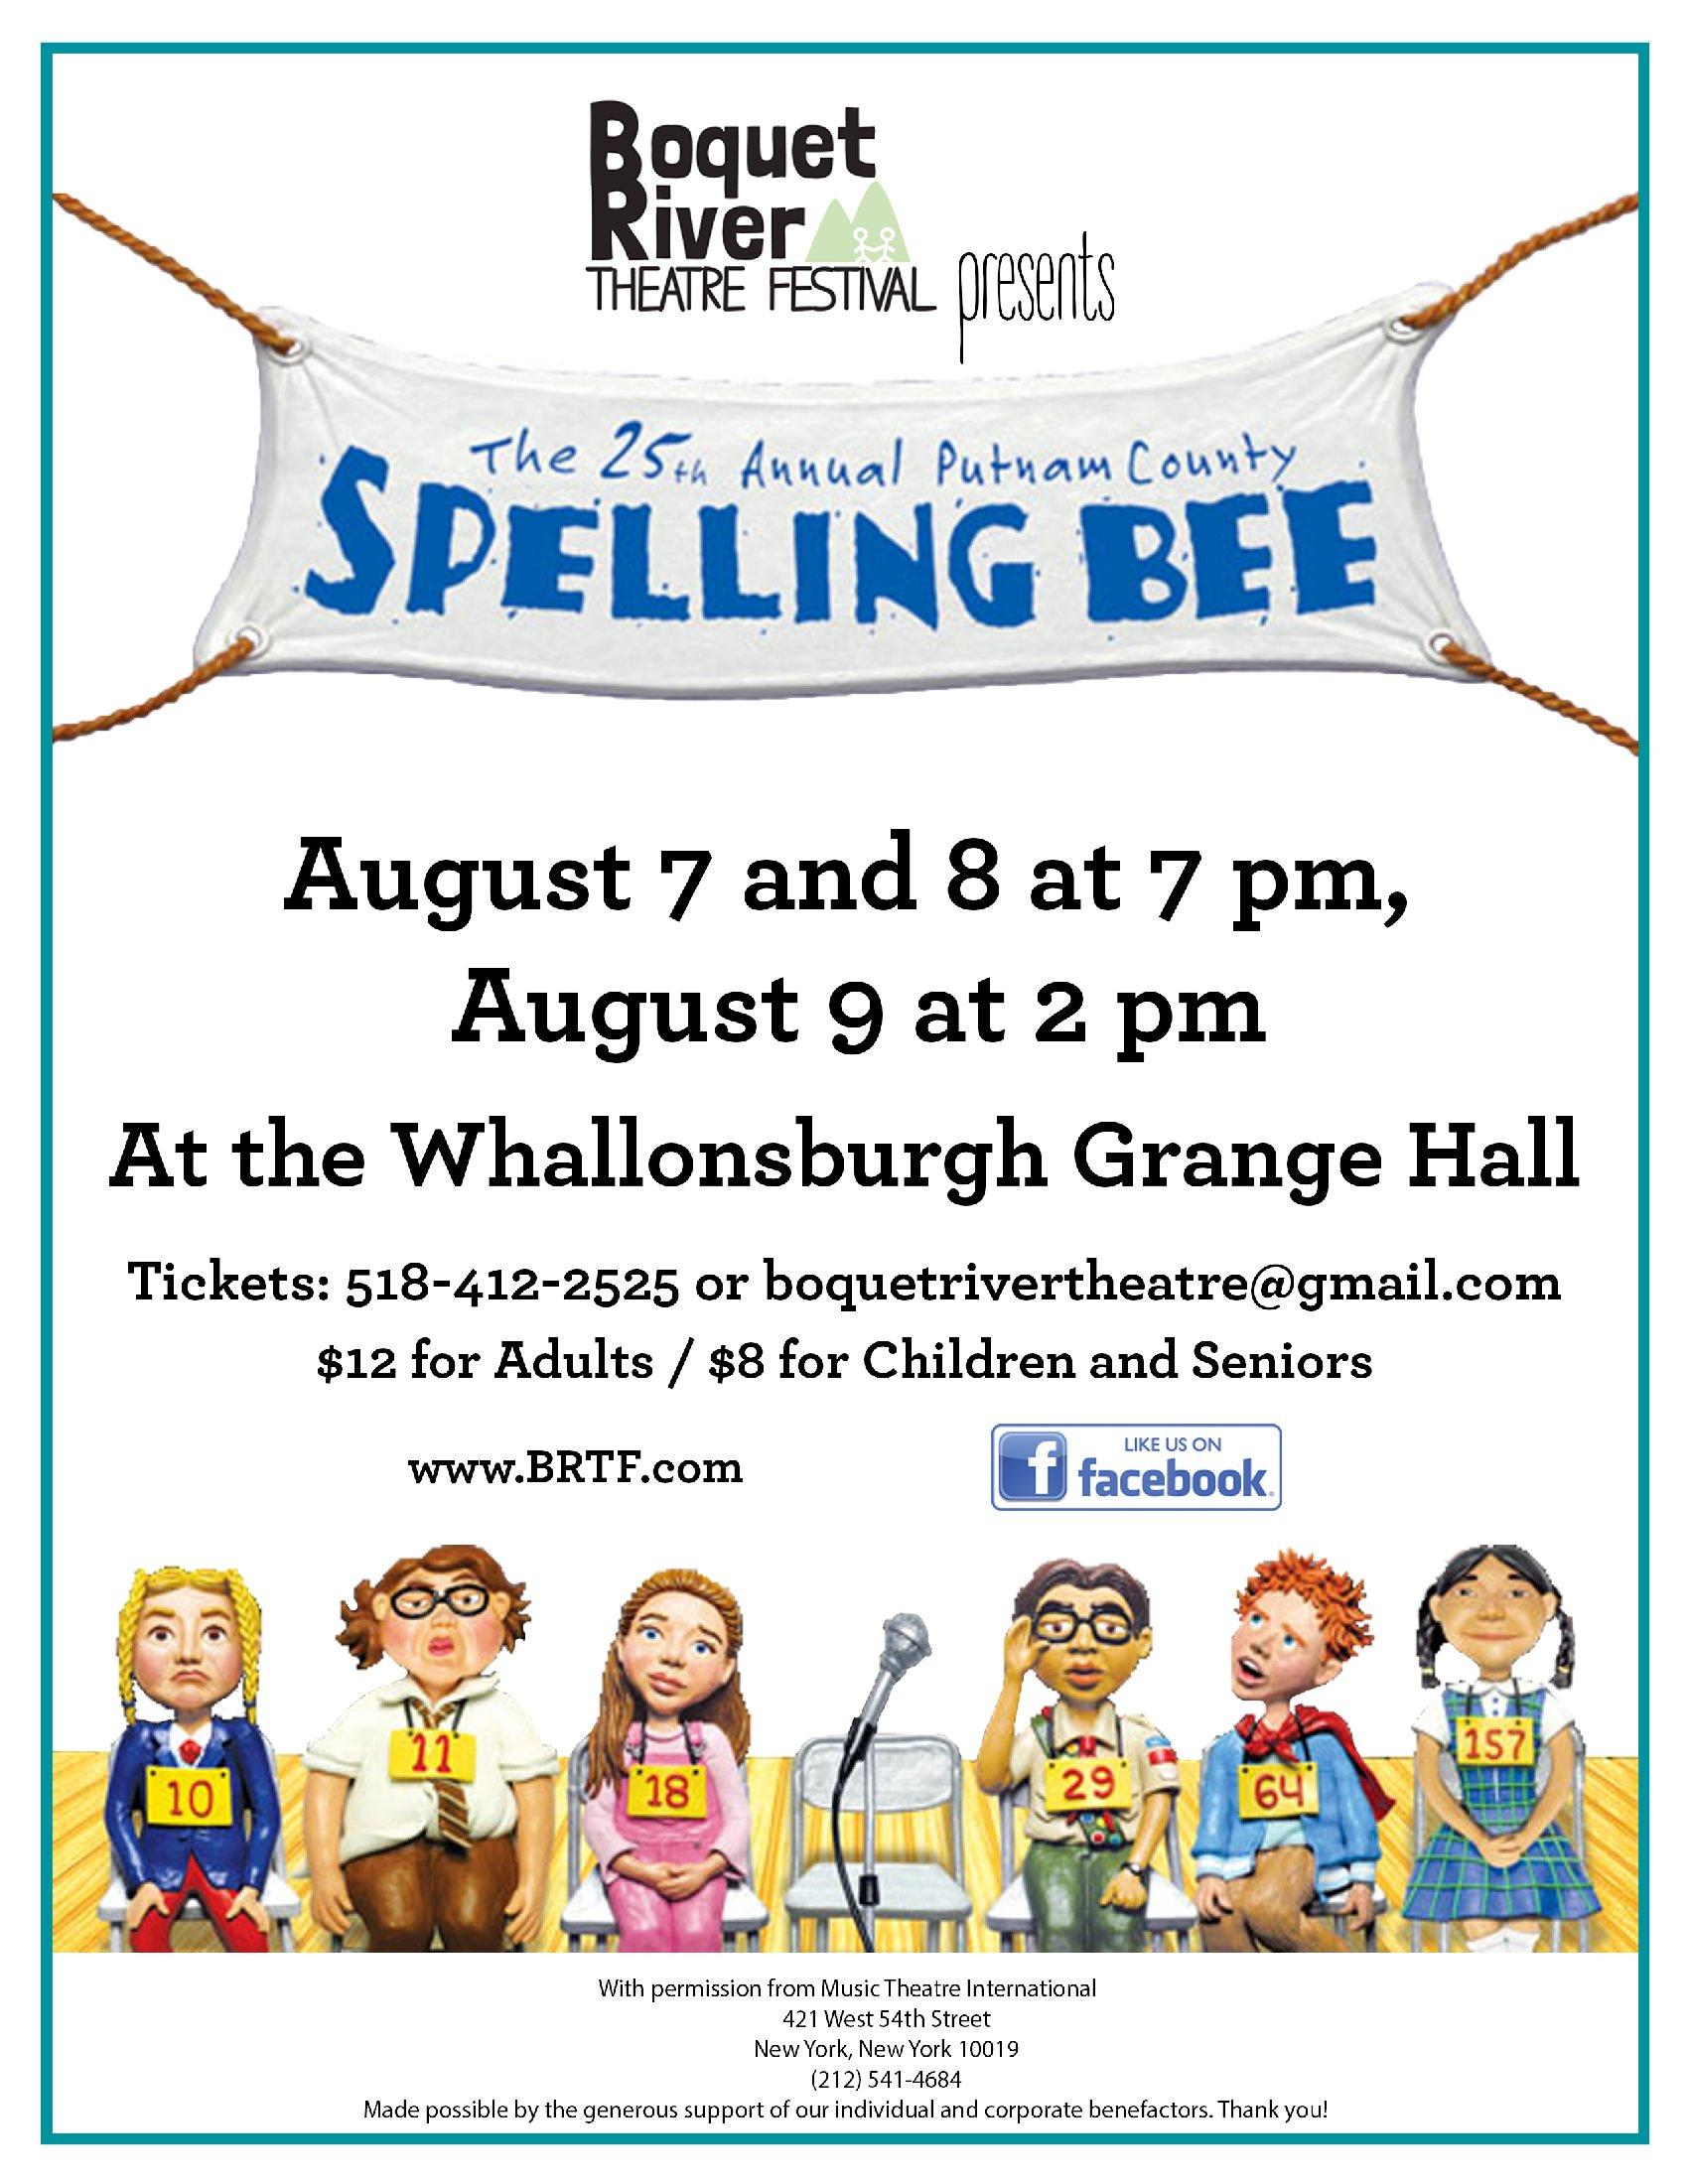 SpellingBee_BRTF2015_poster